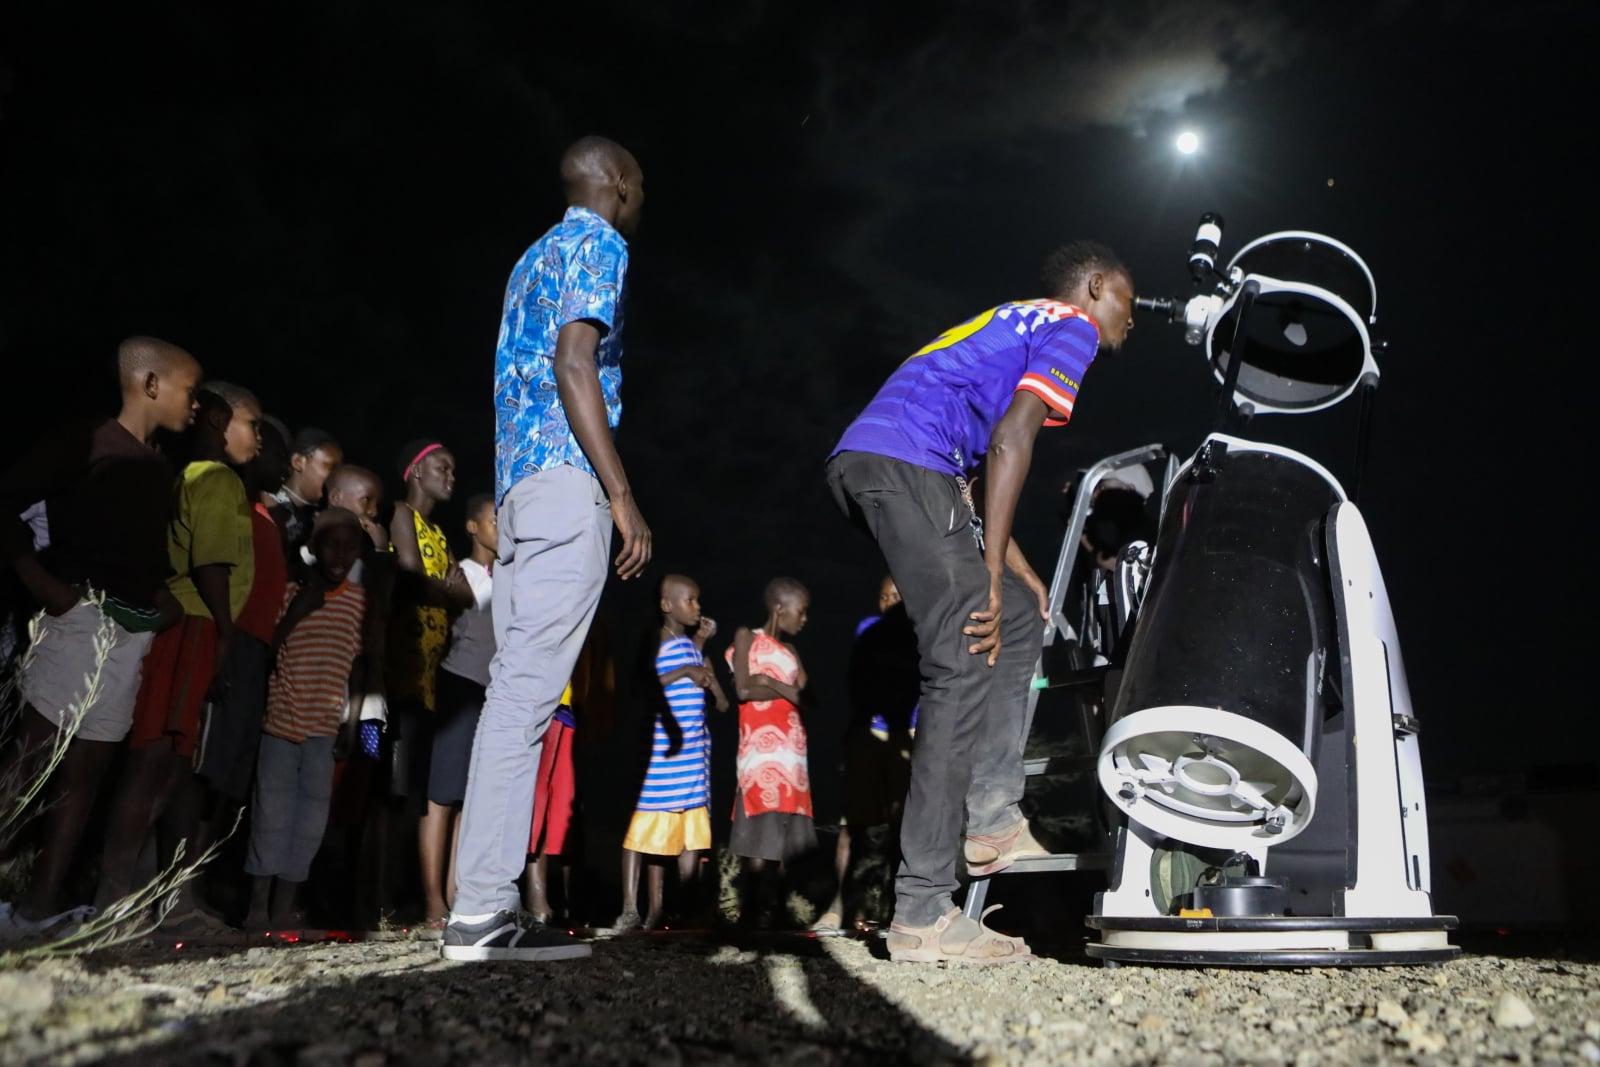 Obserwatorzy wczorajszego zaćmienia księżyca, Magadi, fot. EPA/Daniel Irungu